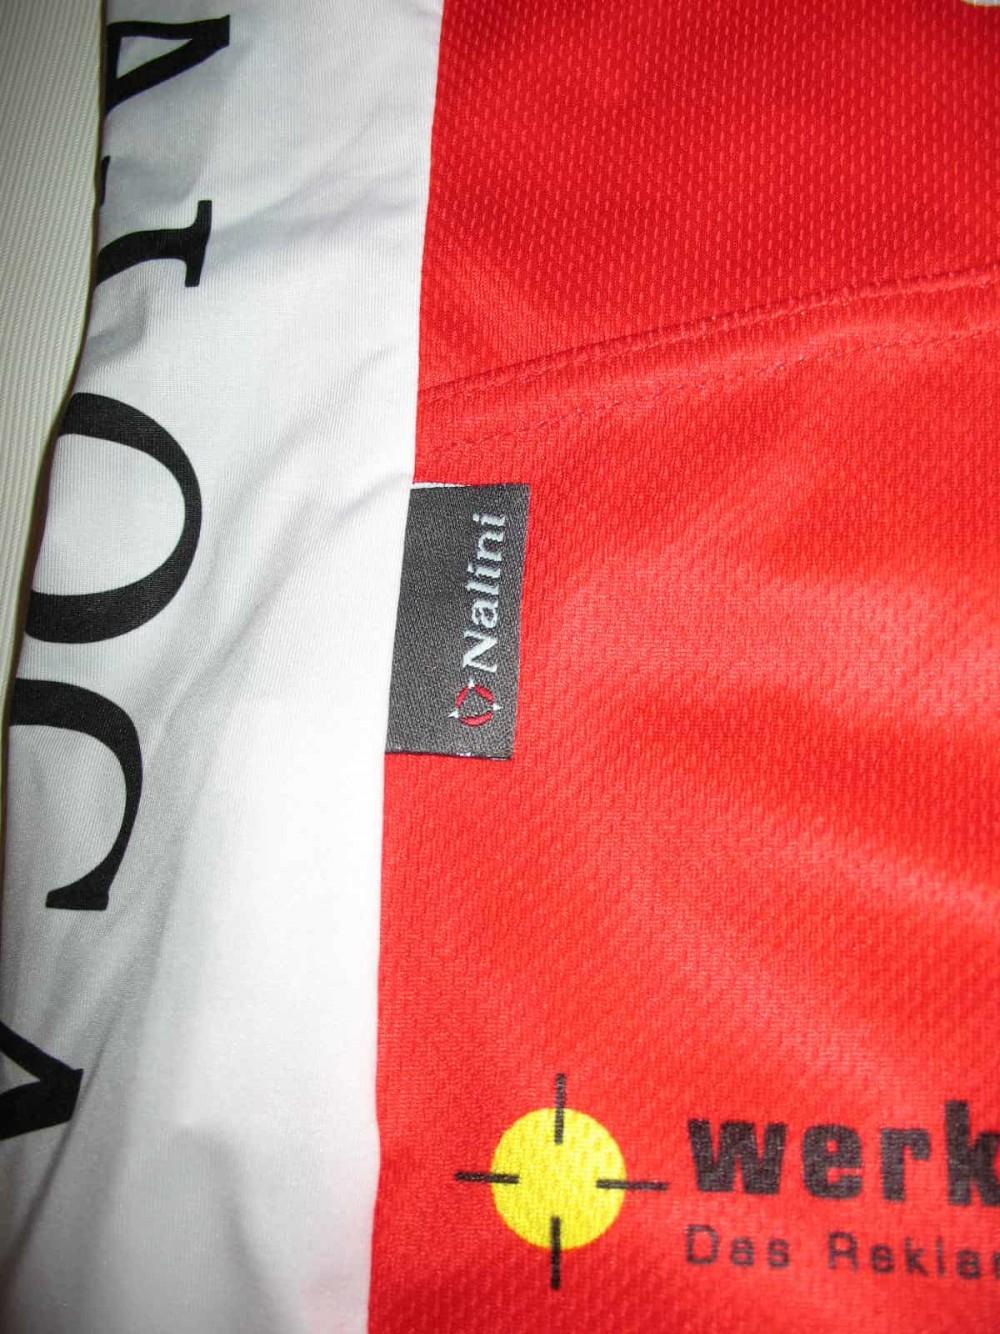 Веломайка NALINI zollingen scott jersey (размер S) - 2